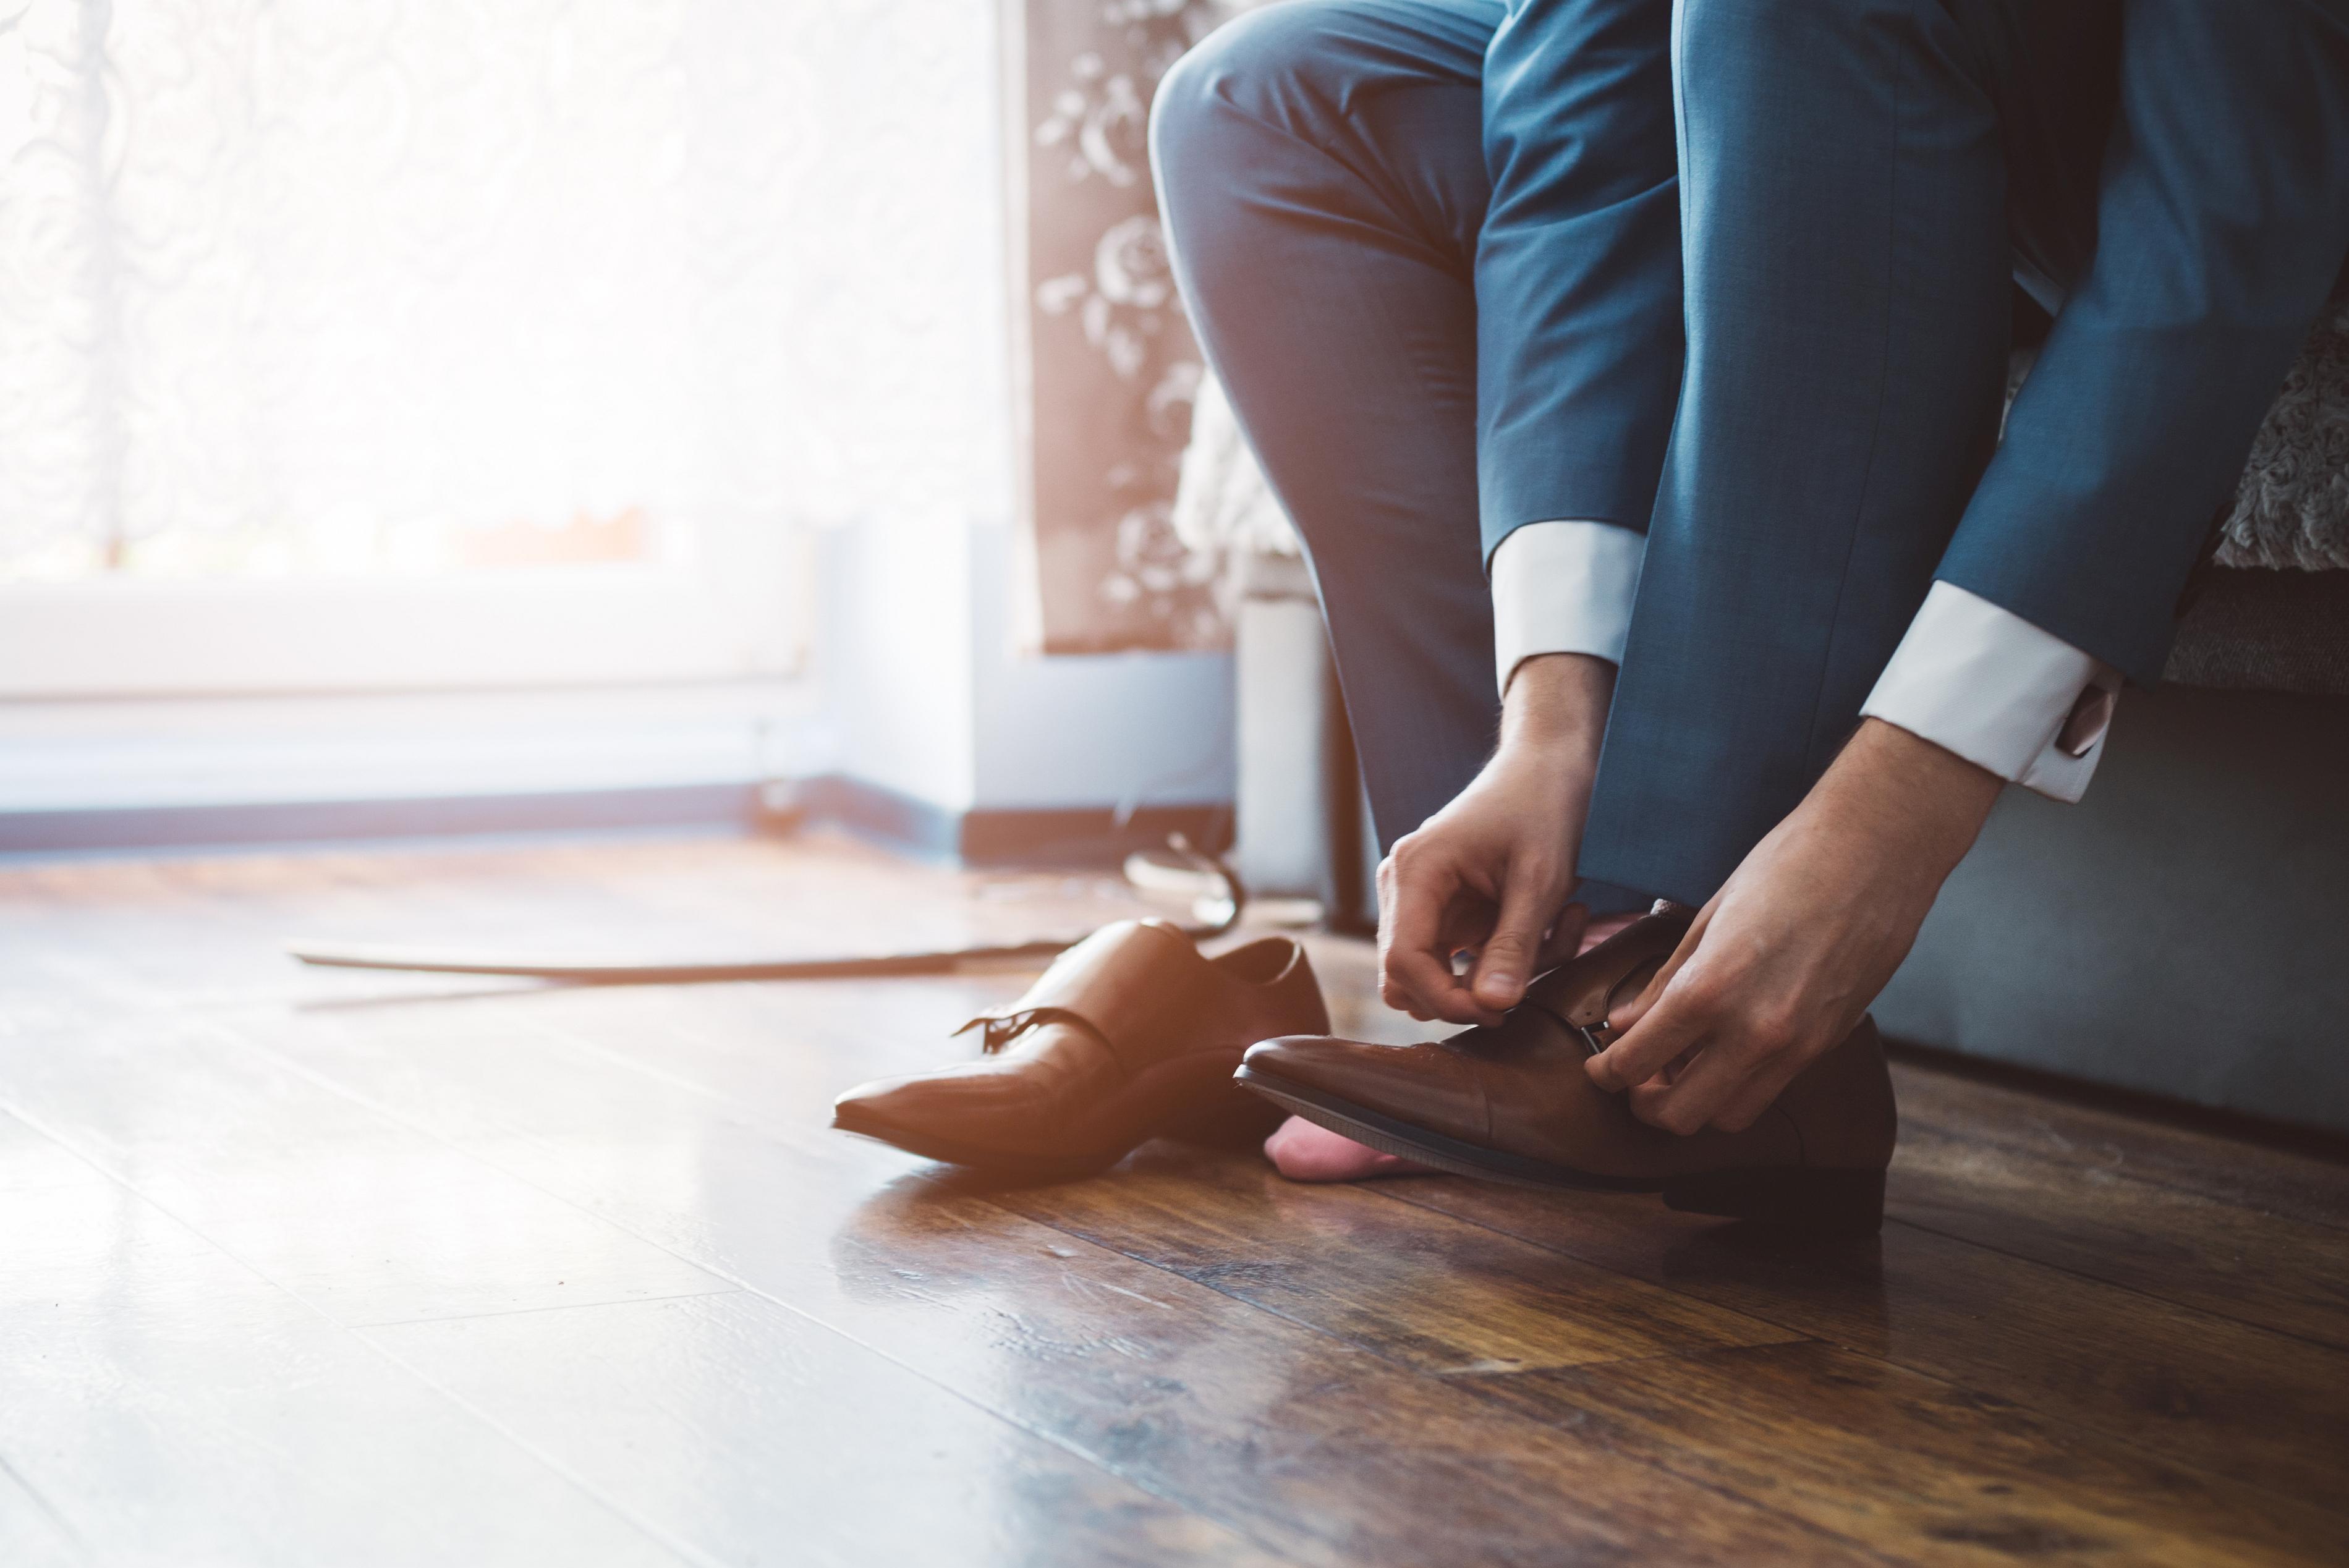 Чифт хубави обувки. Без значение дали са ежедневни или официални, дамите забелязват, когато имате отношение към обувките си. Нещо важно - поддържайте ги винаги чисти.